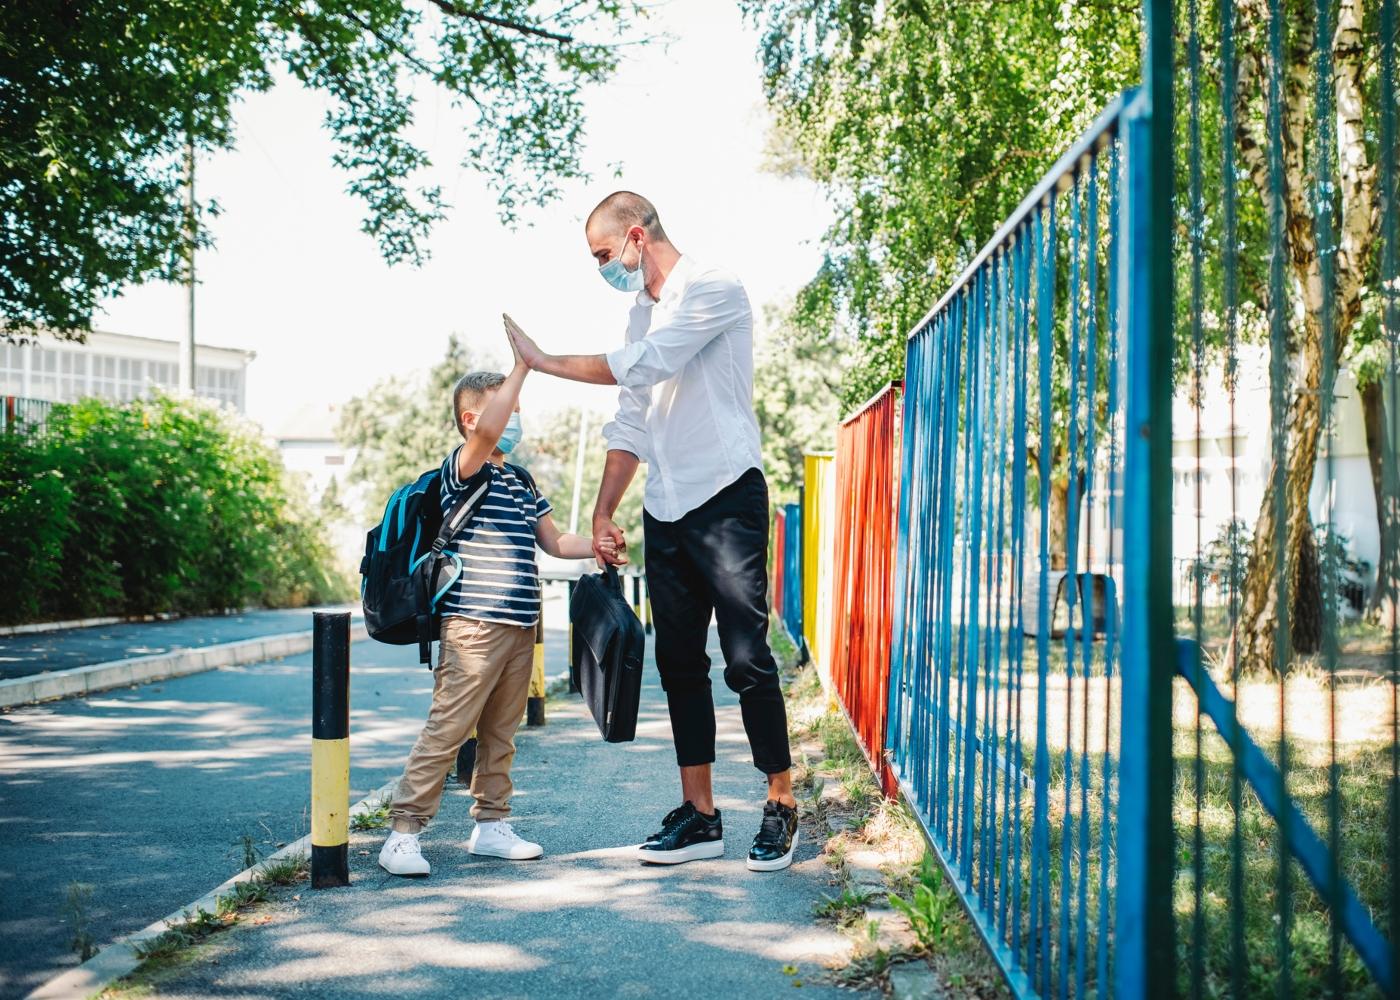 Pai levar filho à escola